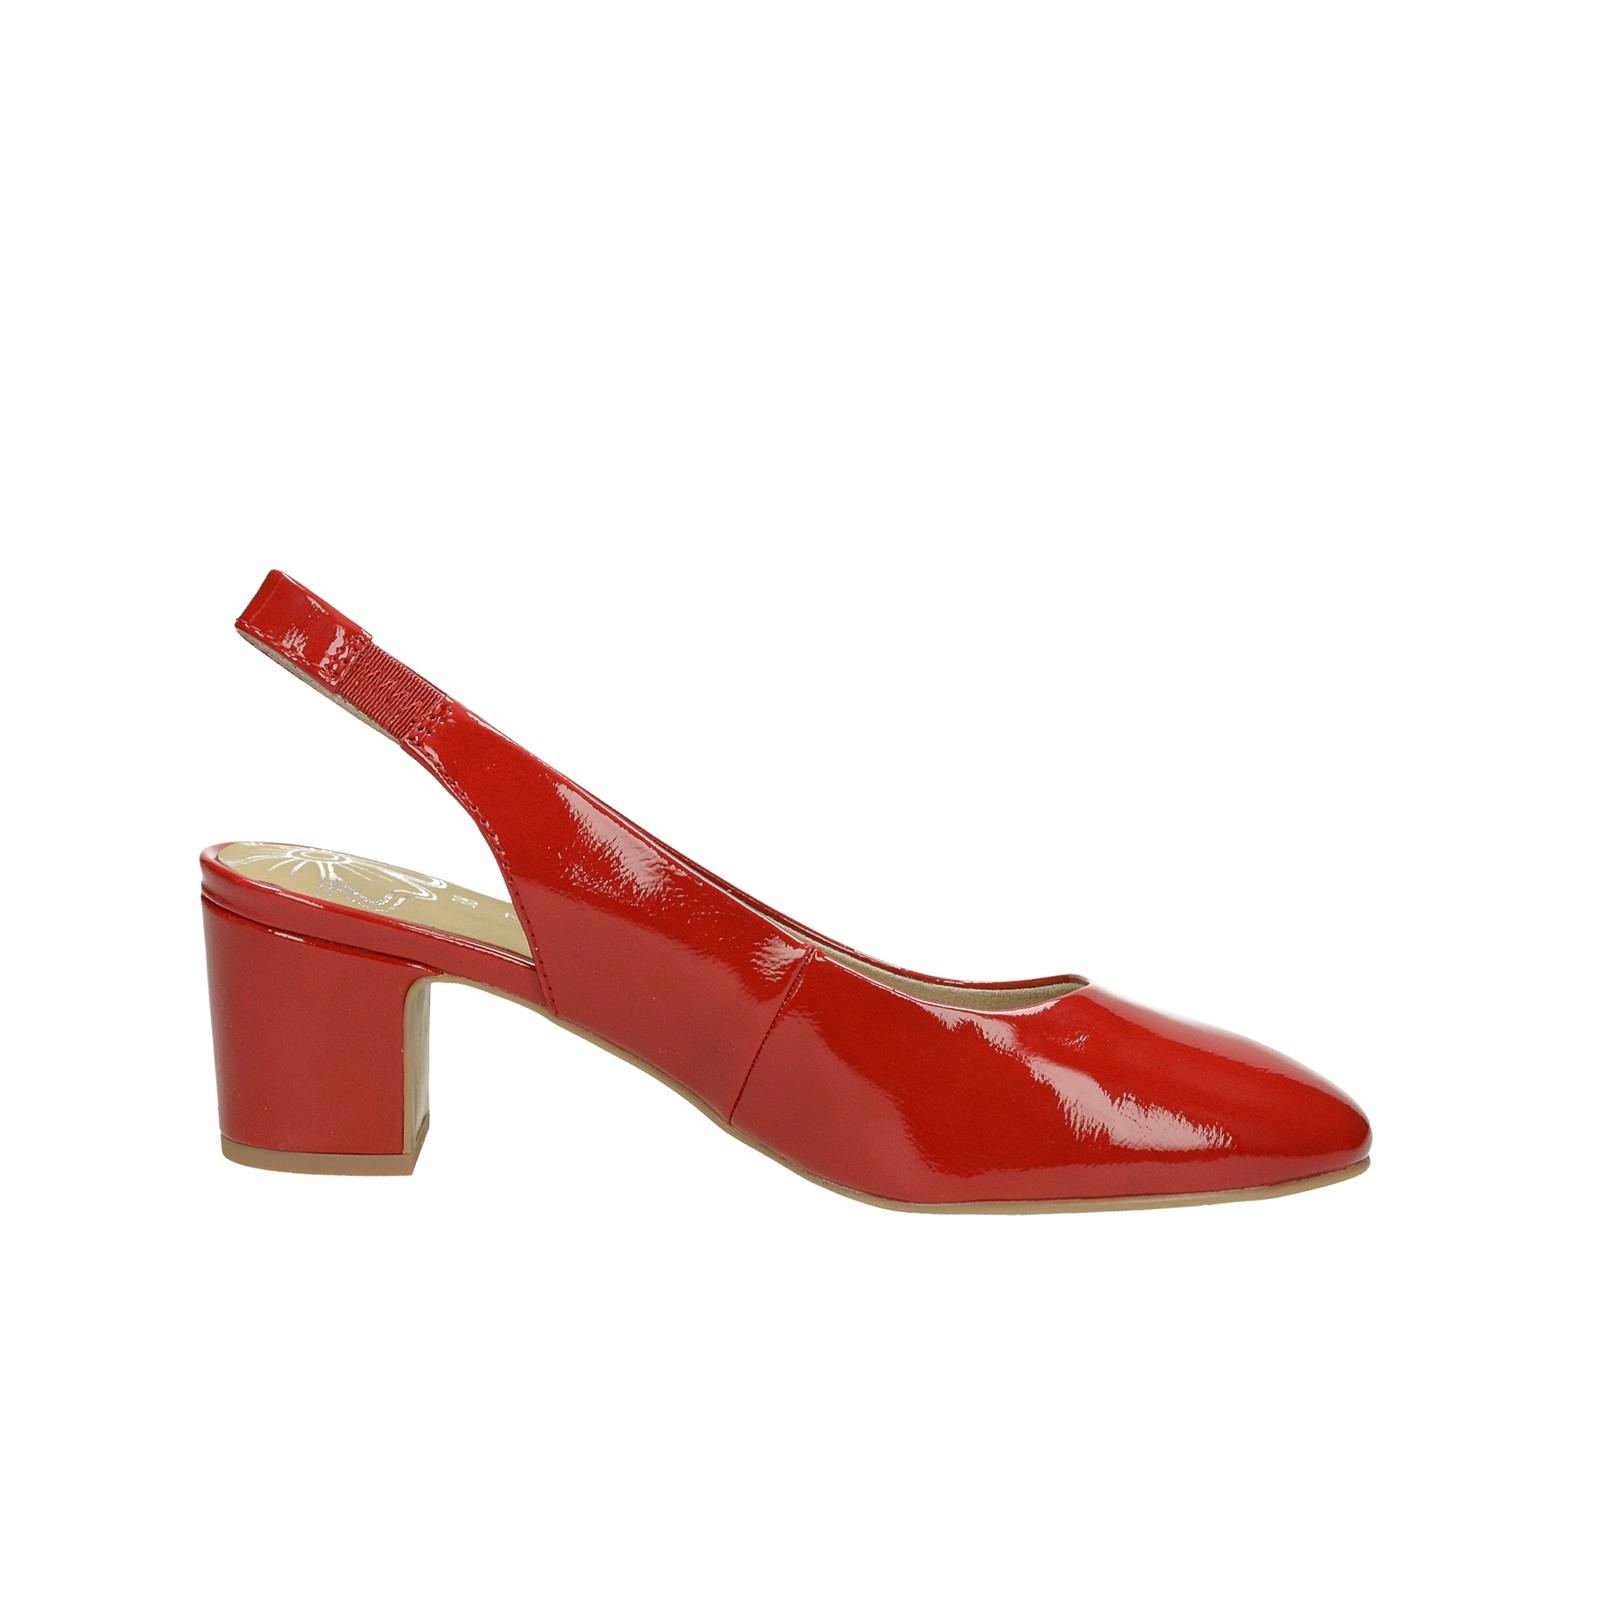 Marco Tozzi dámské lesklé lodičky s otevřenou patou - červené